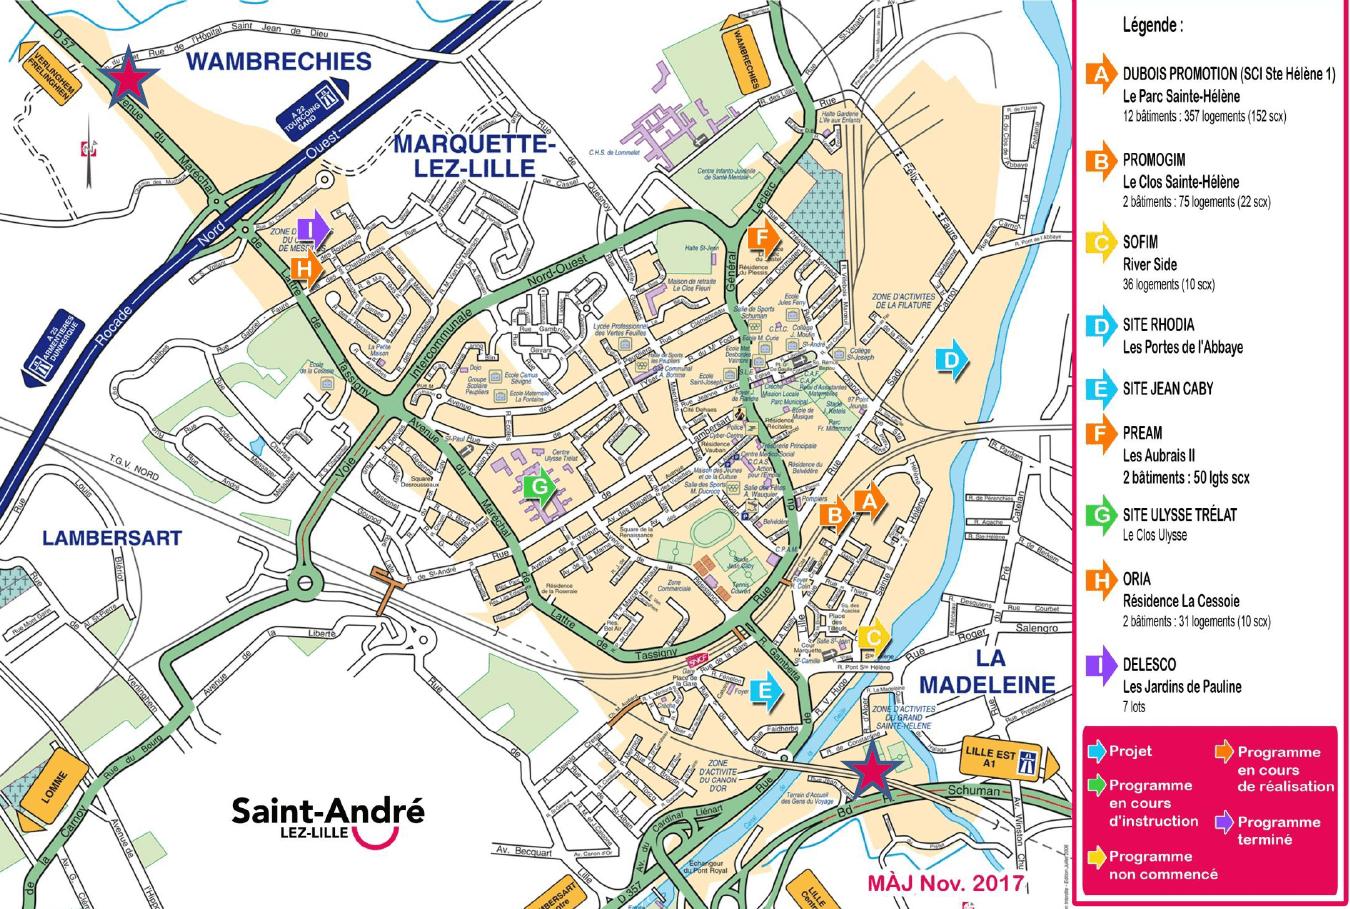 saint-andré-lez-lille projets